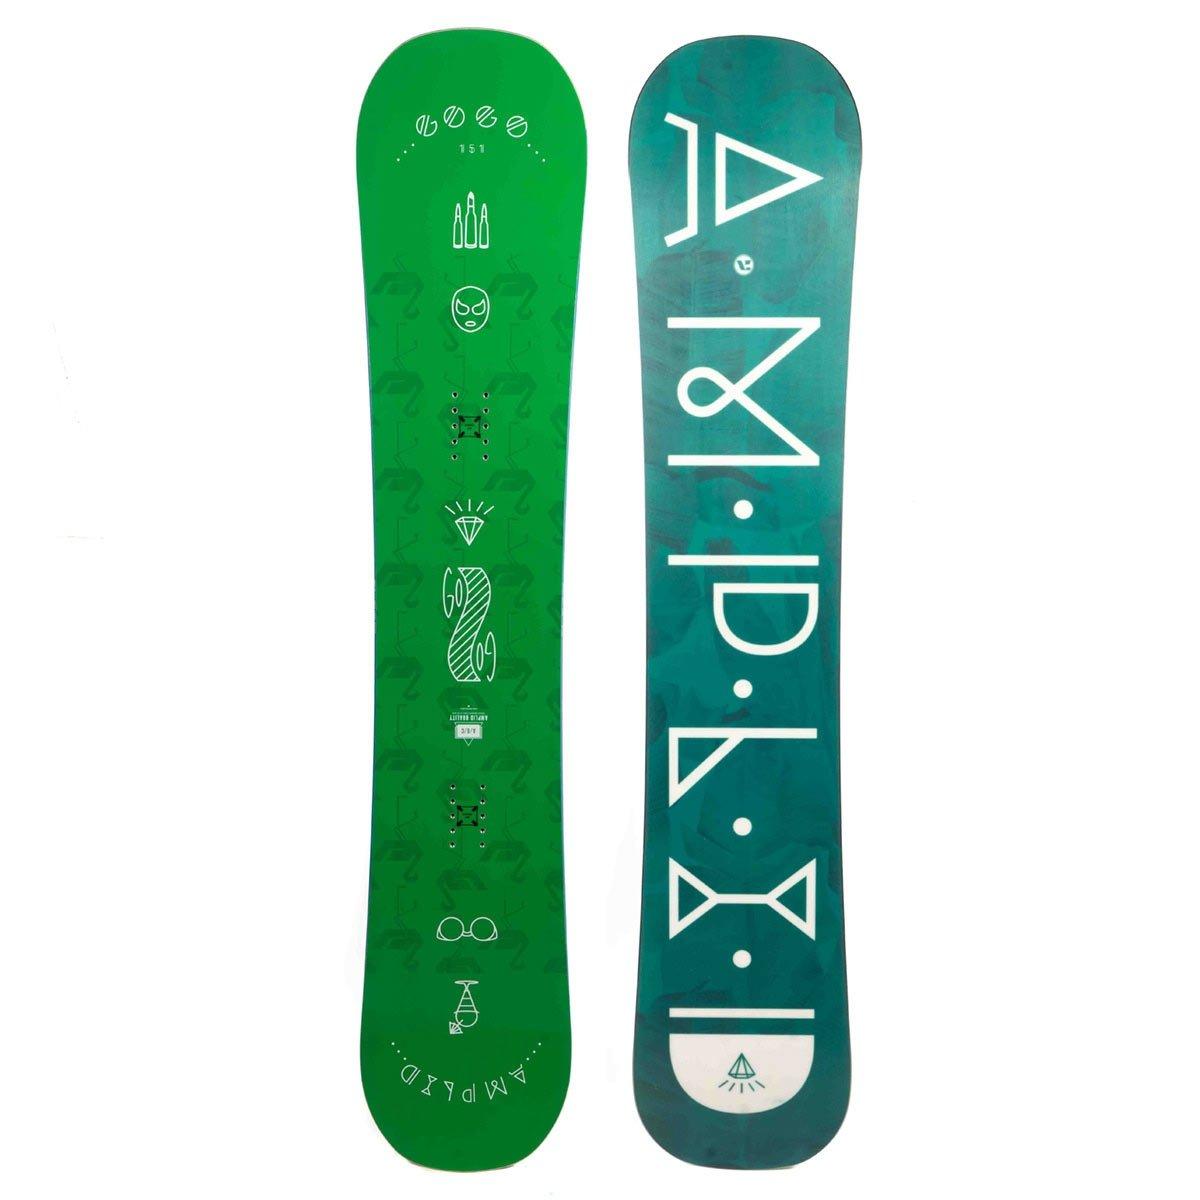 Amplidゴーゴーレディーススノーボード2017